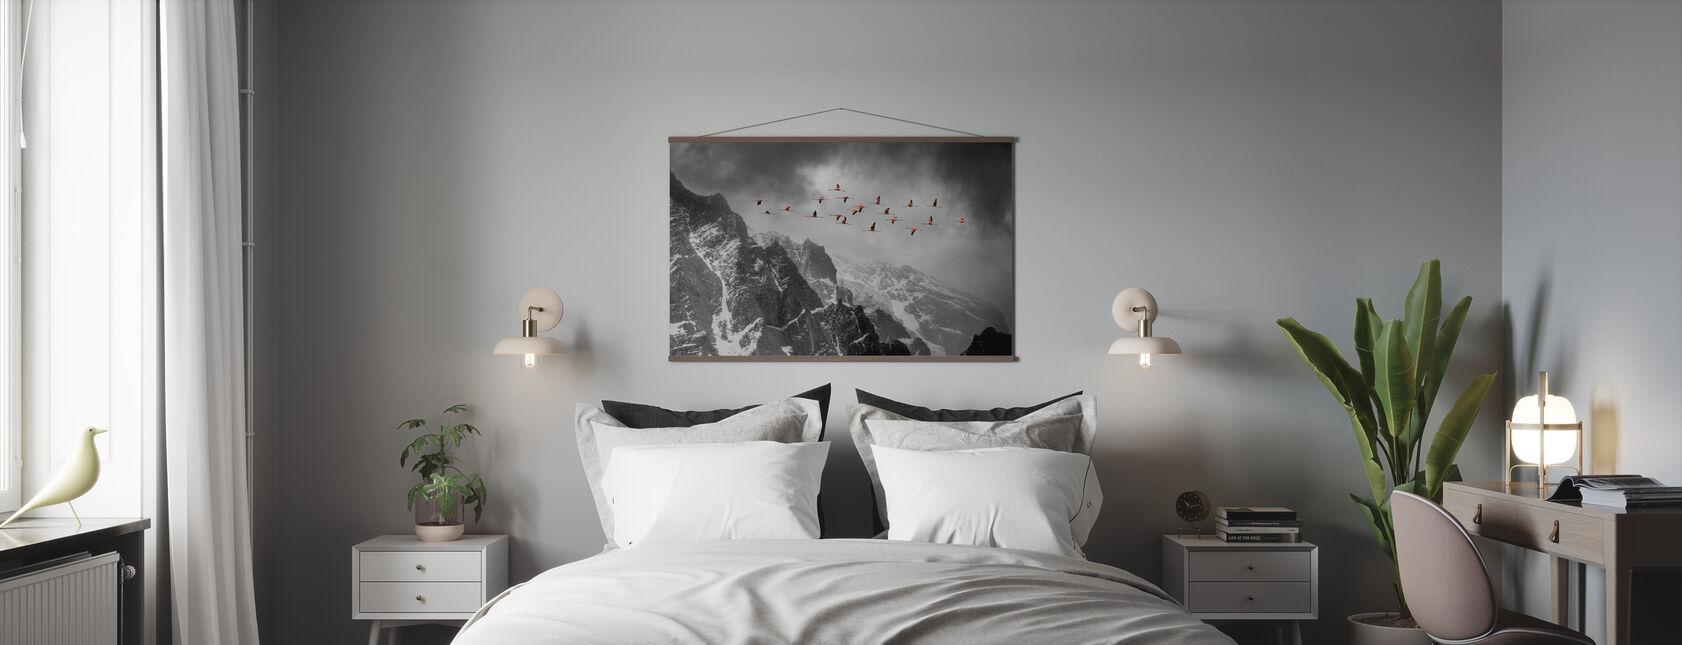 Lunga strada da casa - Poster - Camera da letto